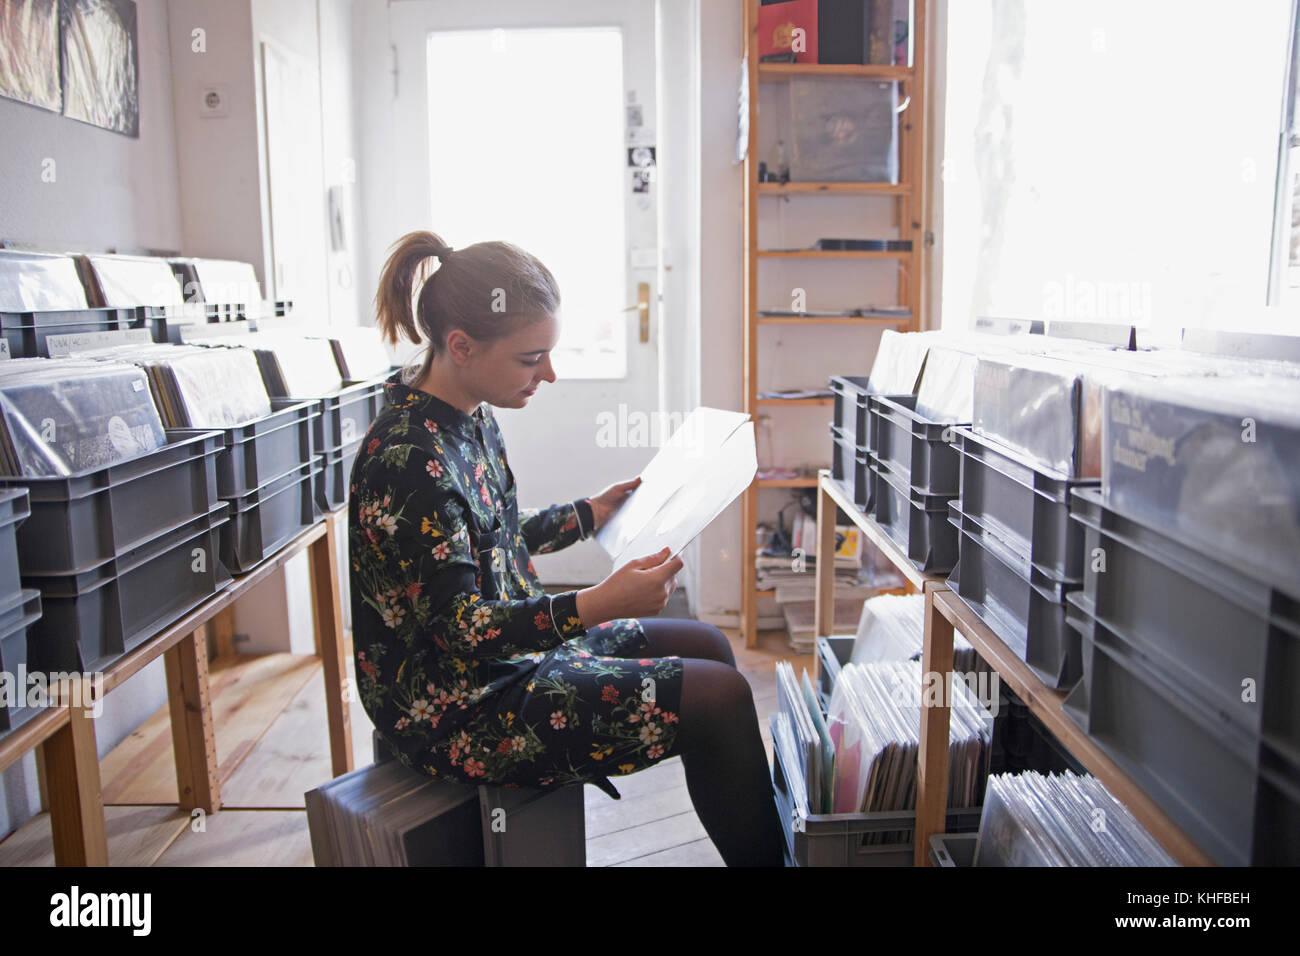 Junge Frau Einkaufen für Datensätze Stockbild